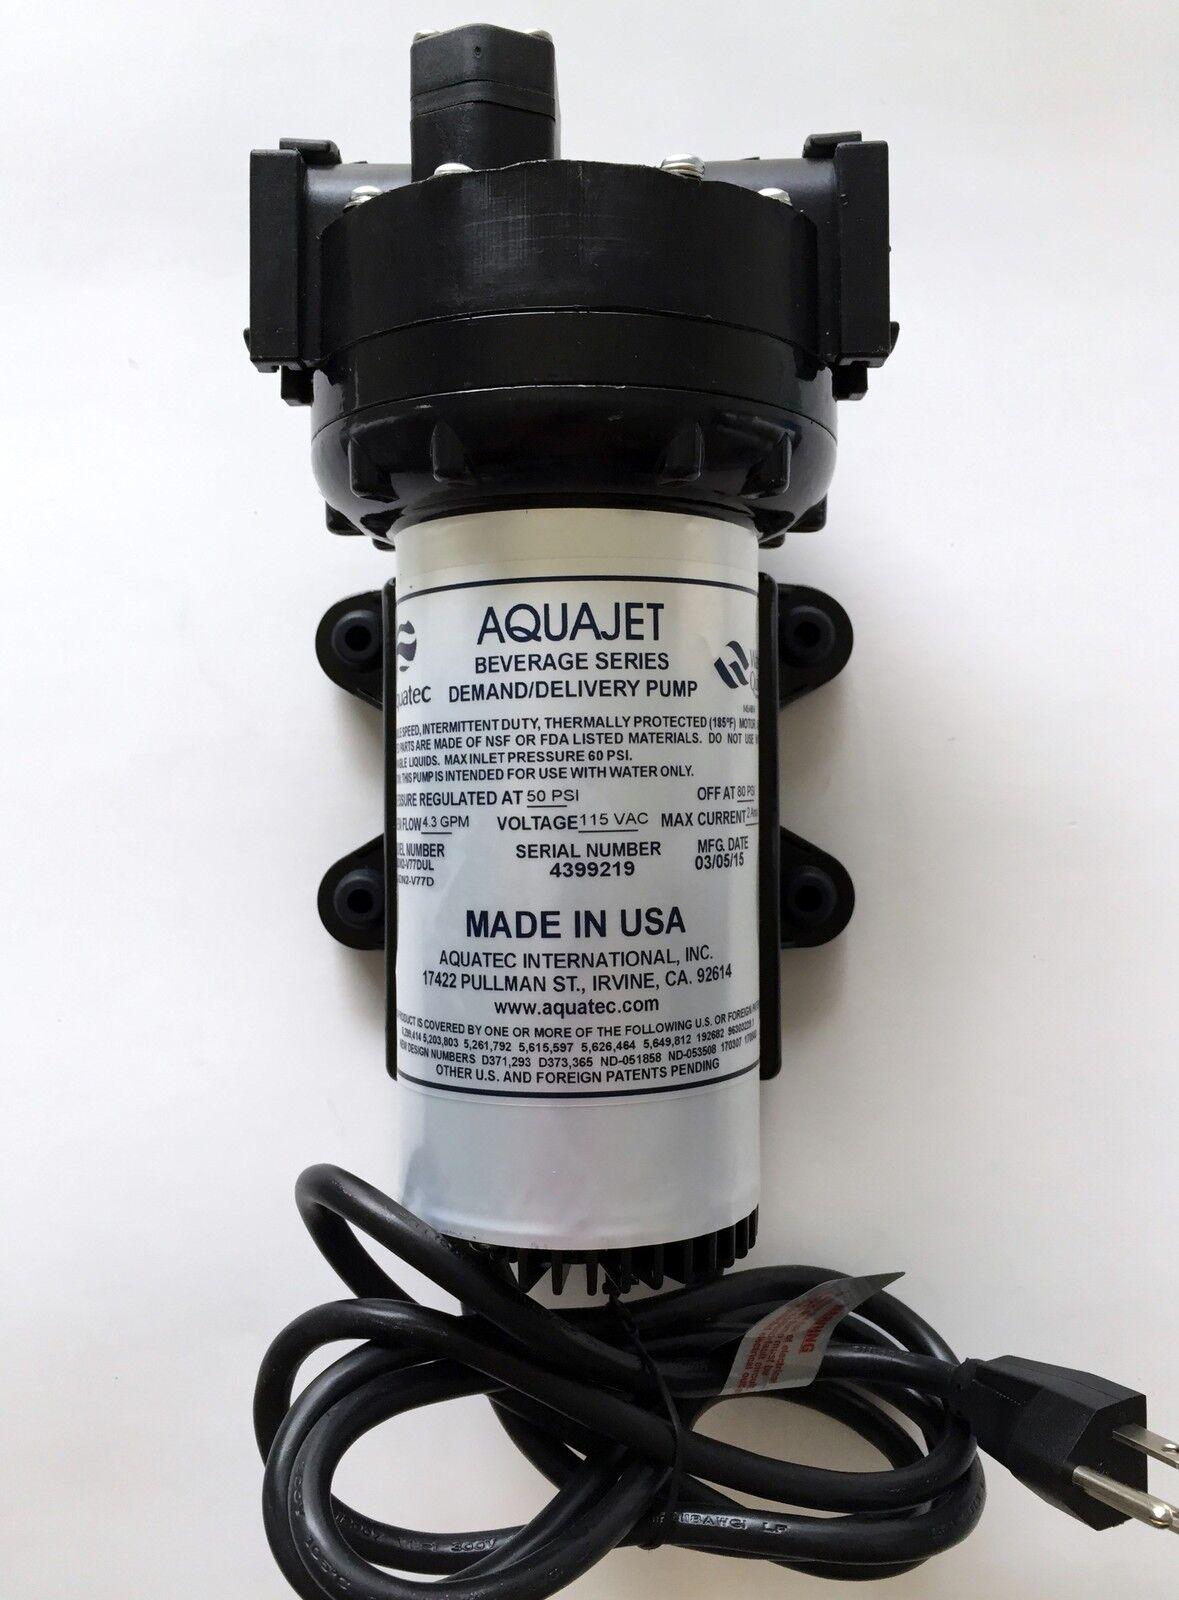 AQUATEC Osmose Inverse Vitesse Variable Pompe 115VAC 5501-IEN2-V77D